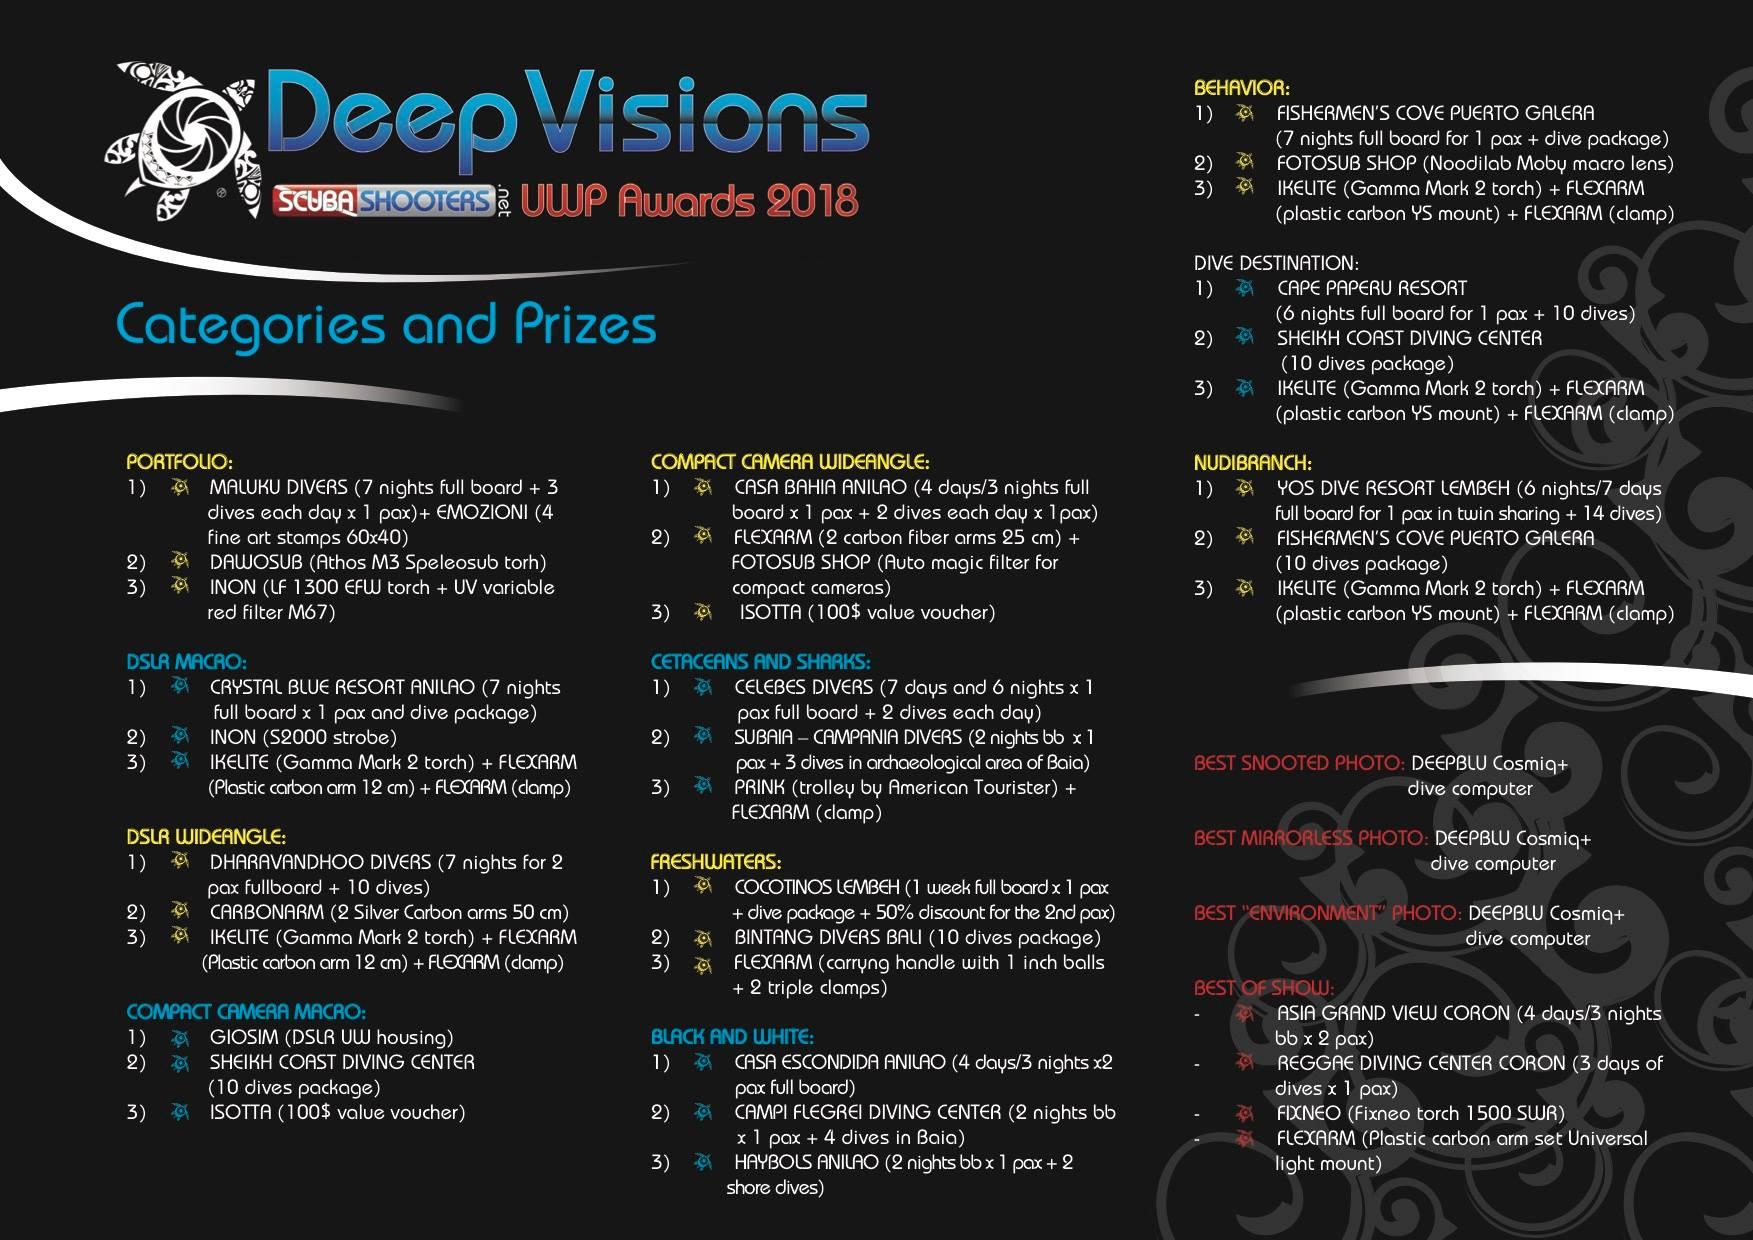 deepvisions.jpg